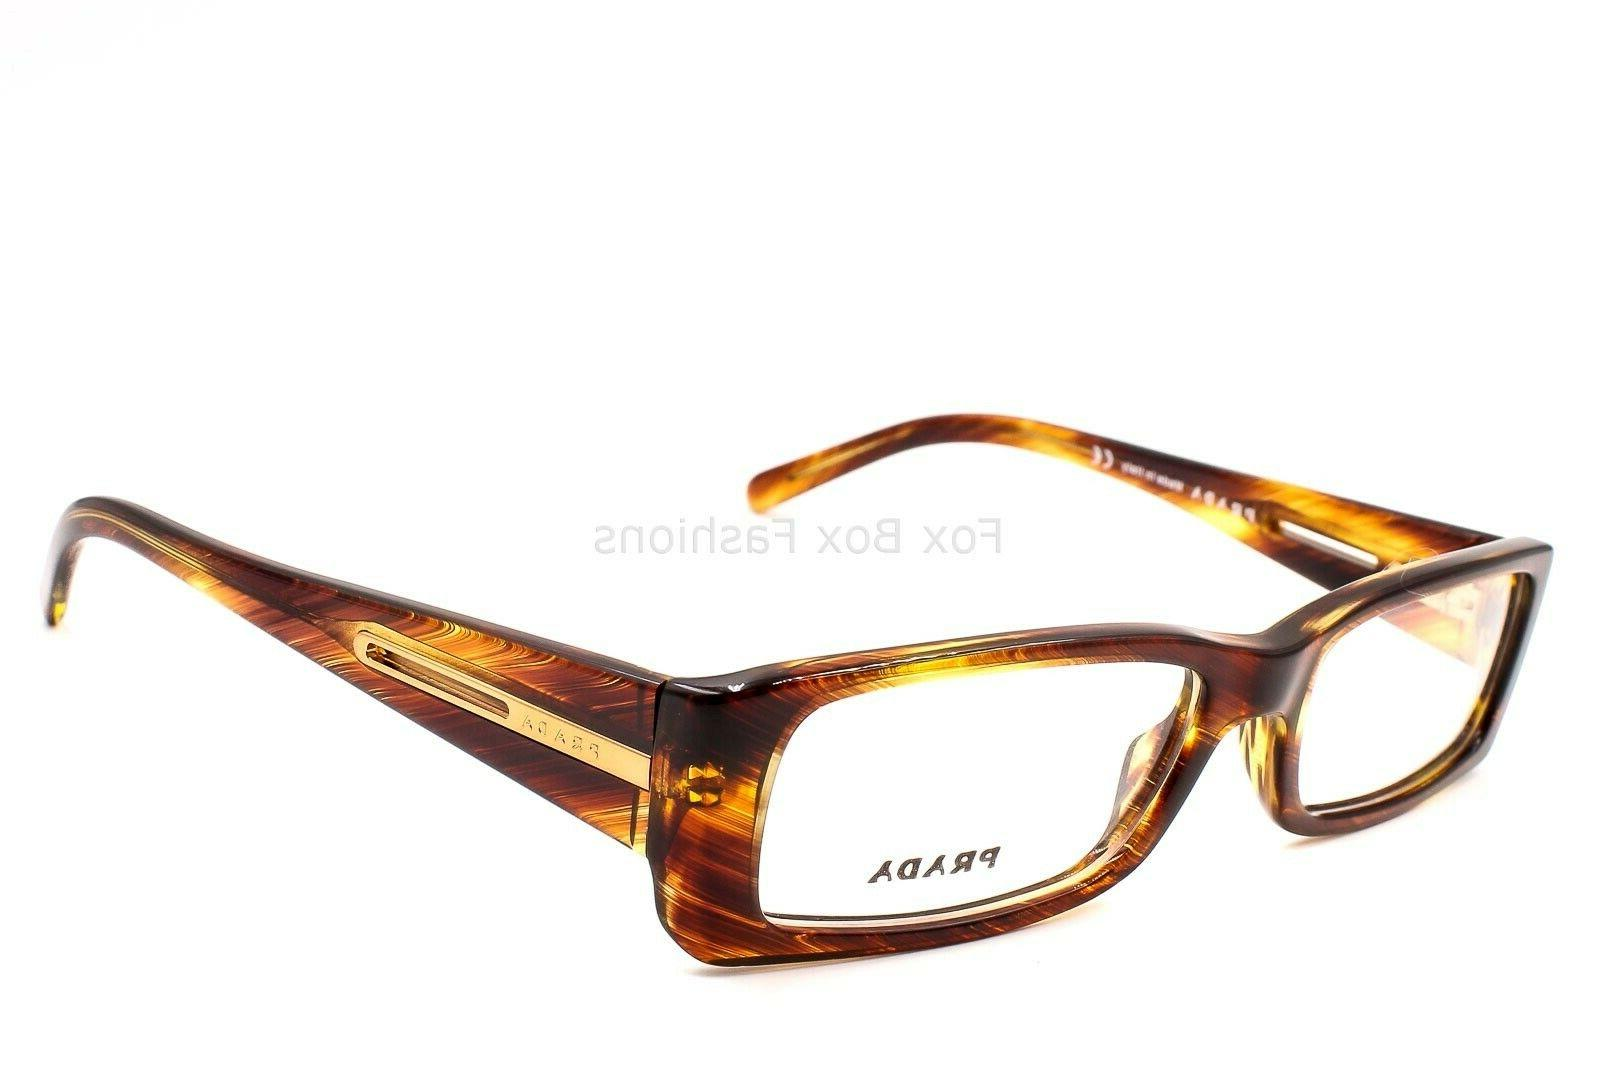 vpr 16i 7nb 1o1 eyeglasses frames glasses